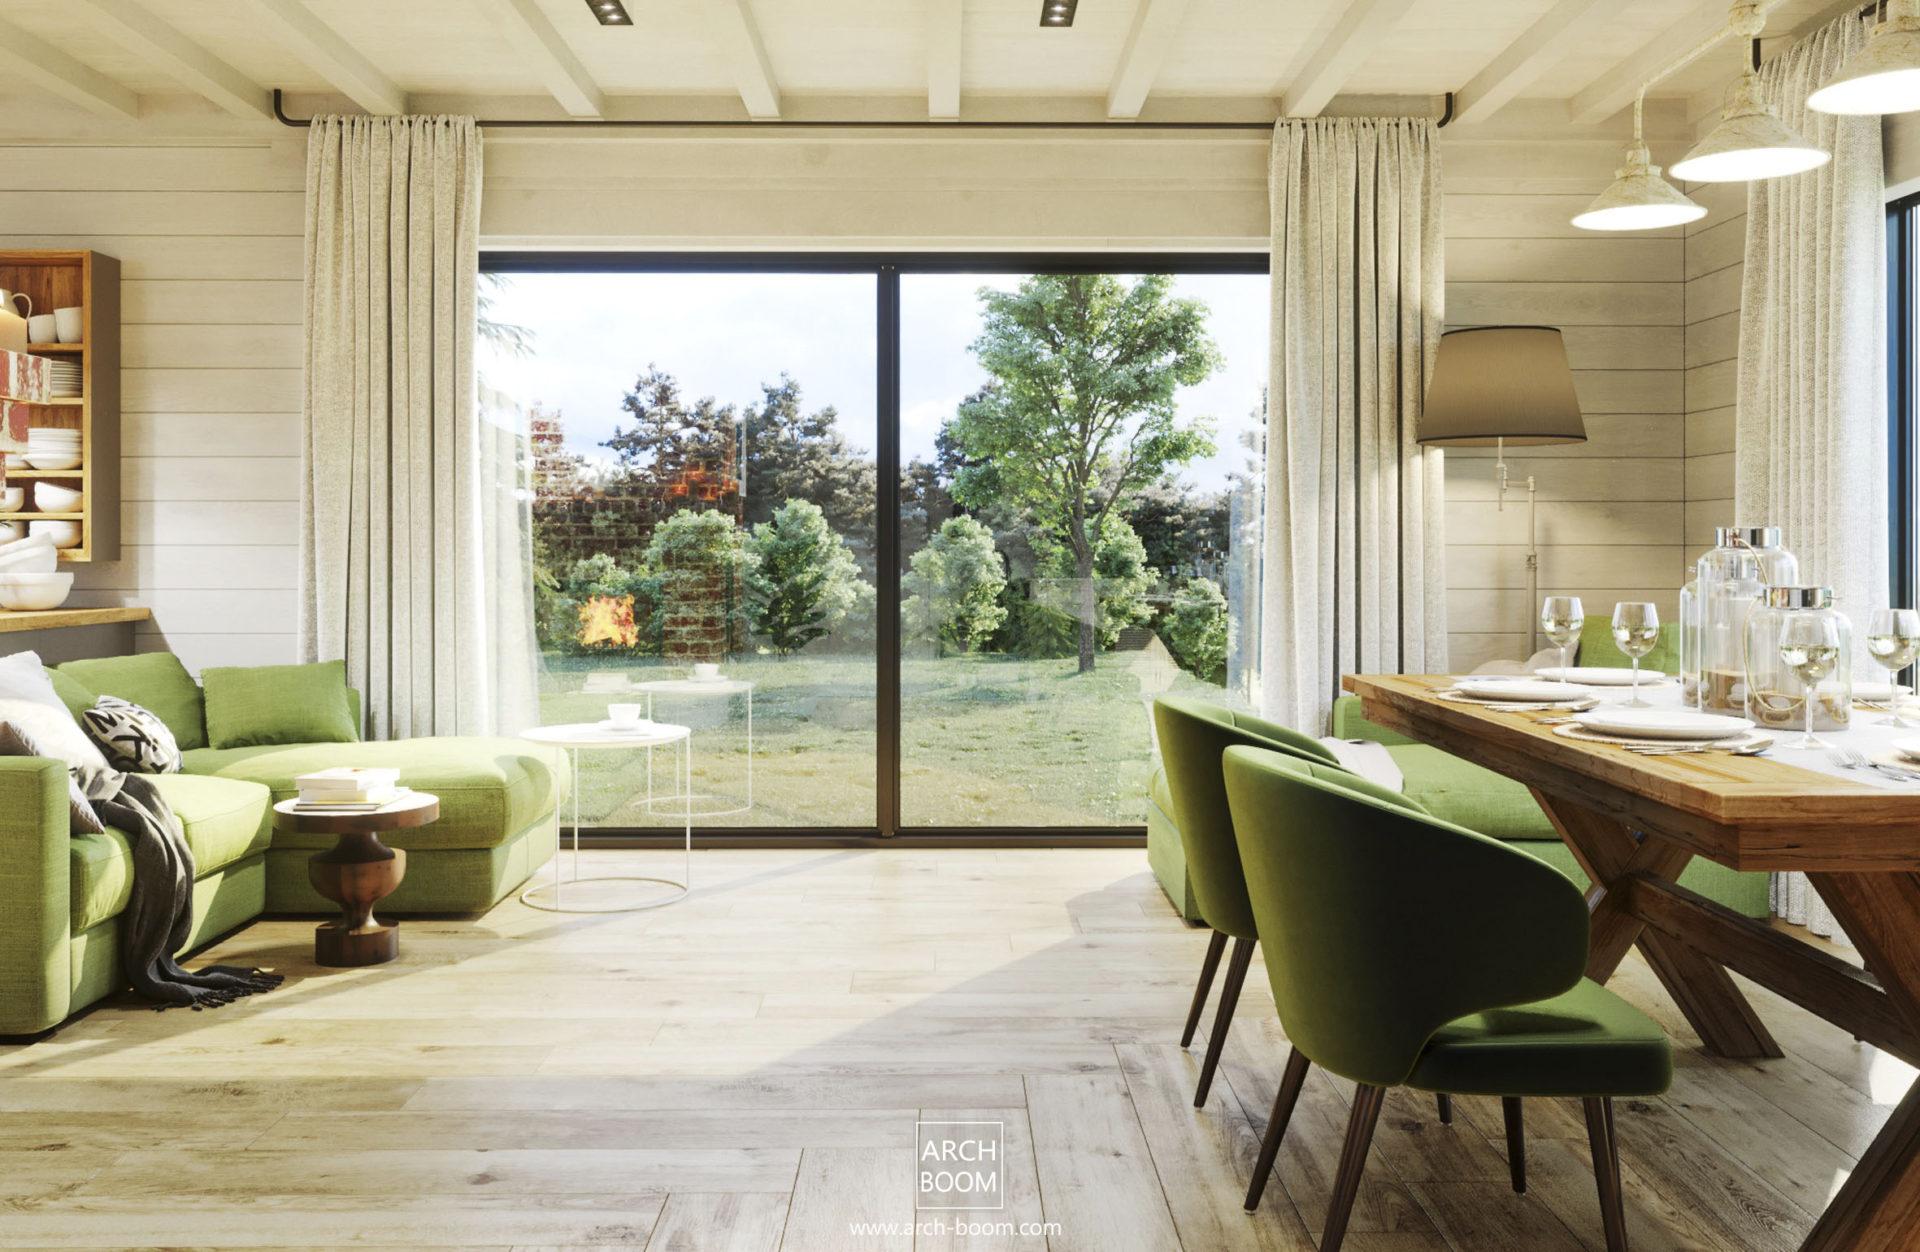 duże okno we wnętrzu domku letniskowego_kanapa o oliwkowym kolorze